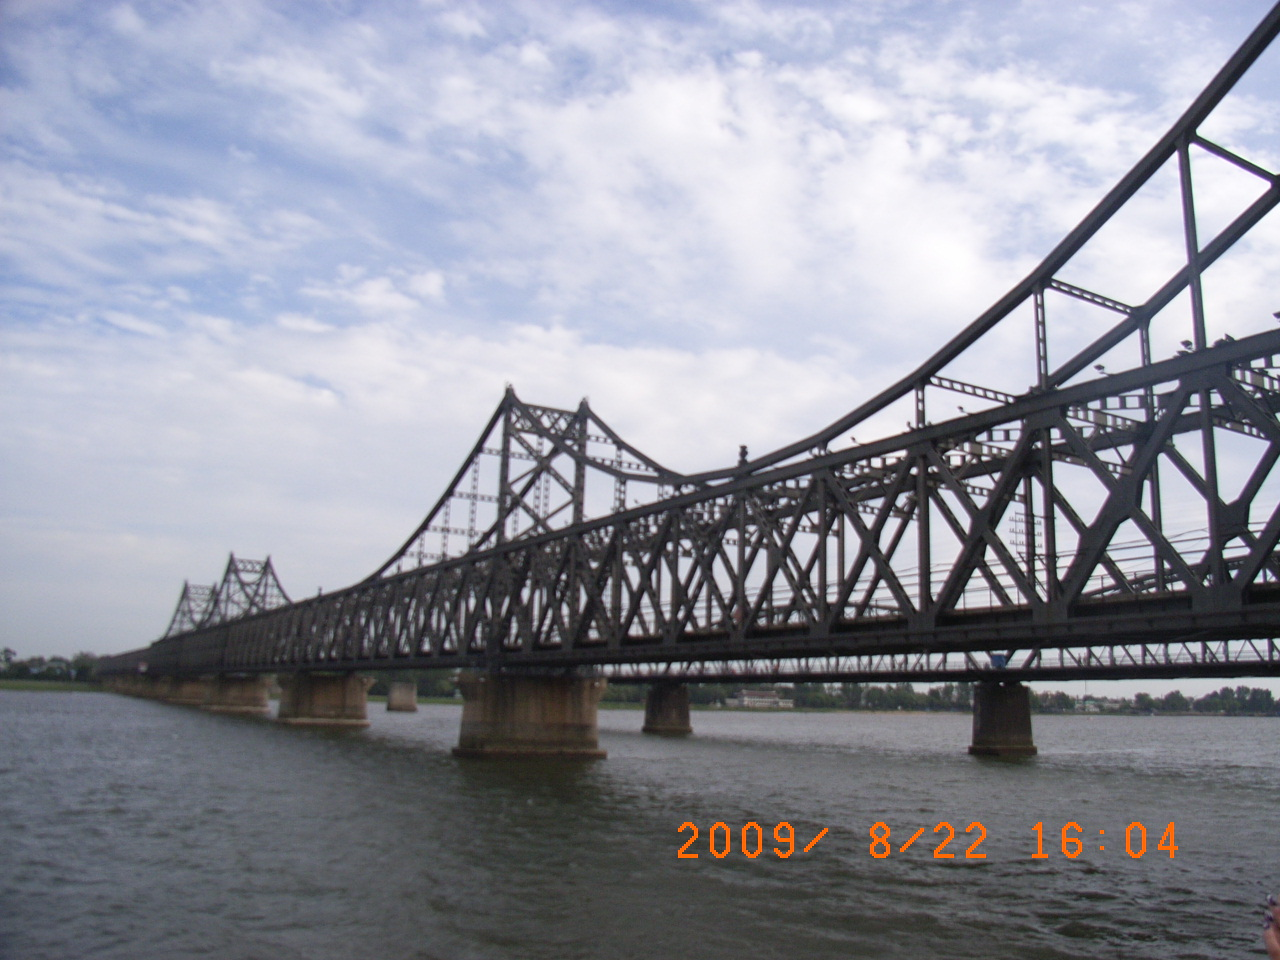 丹东旅游2009.8.22-23